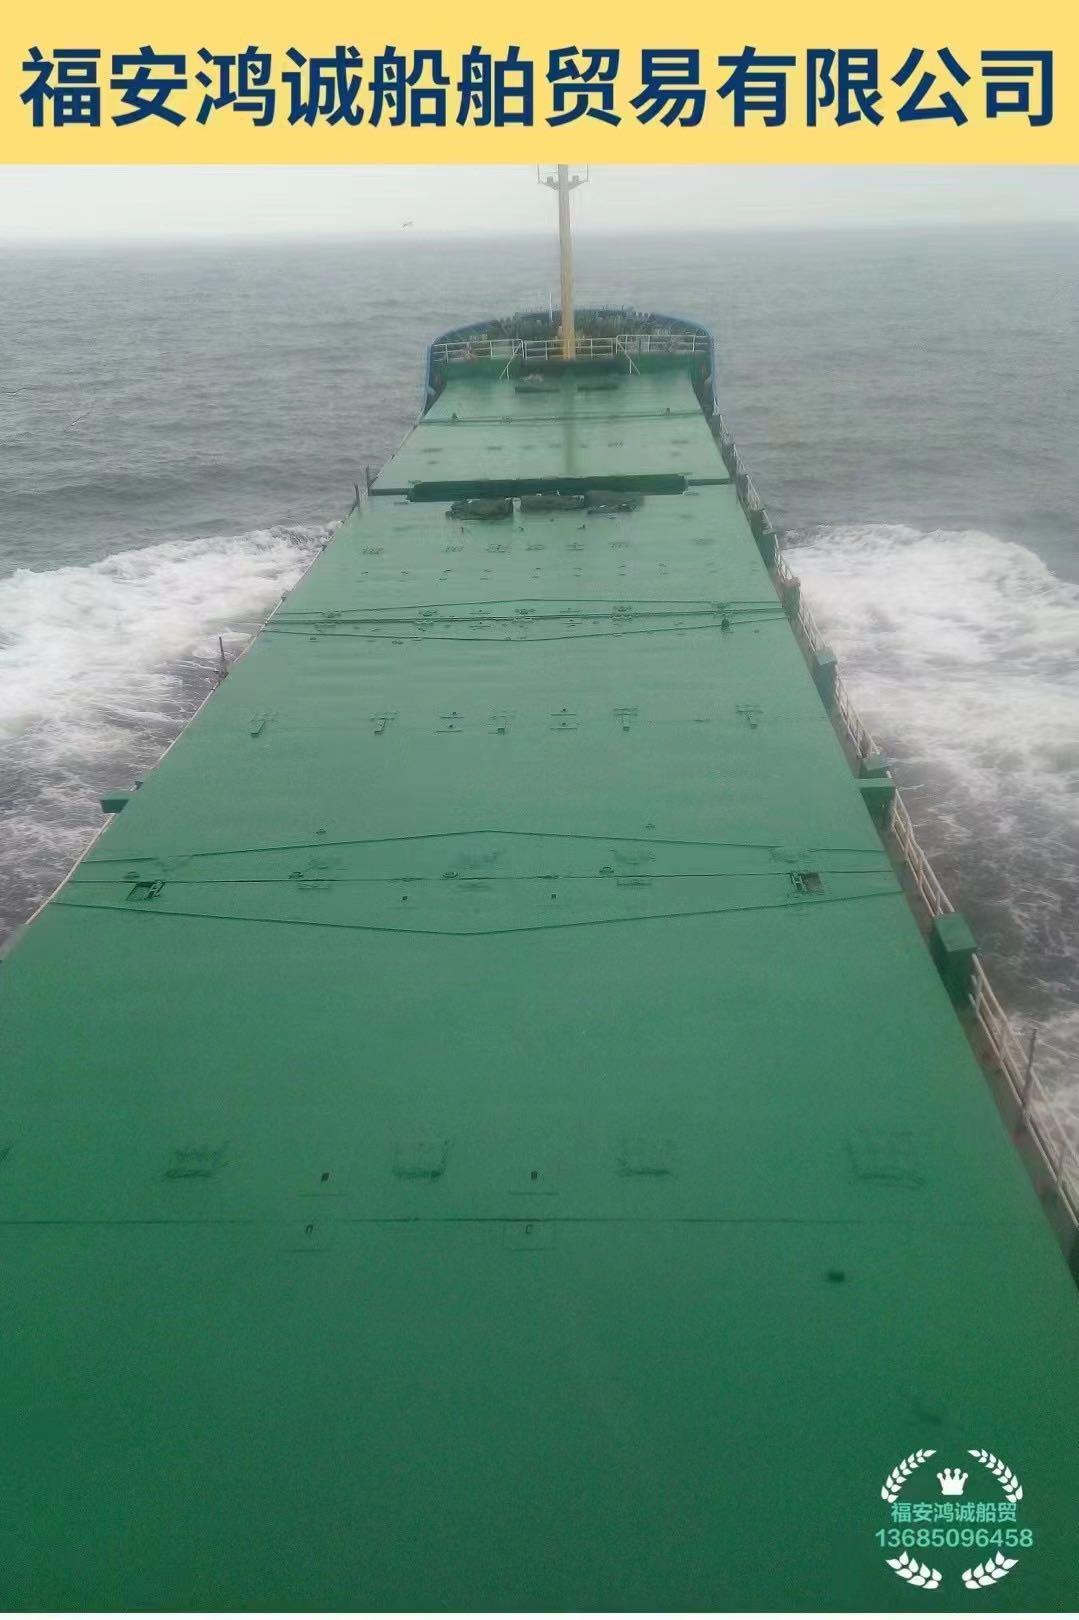 出售5100吨多用途船